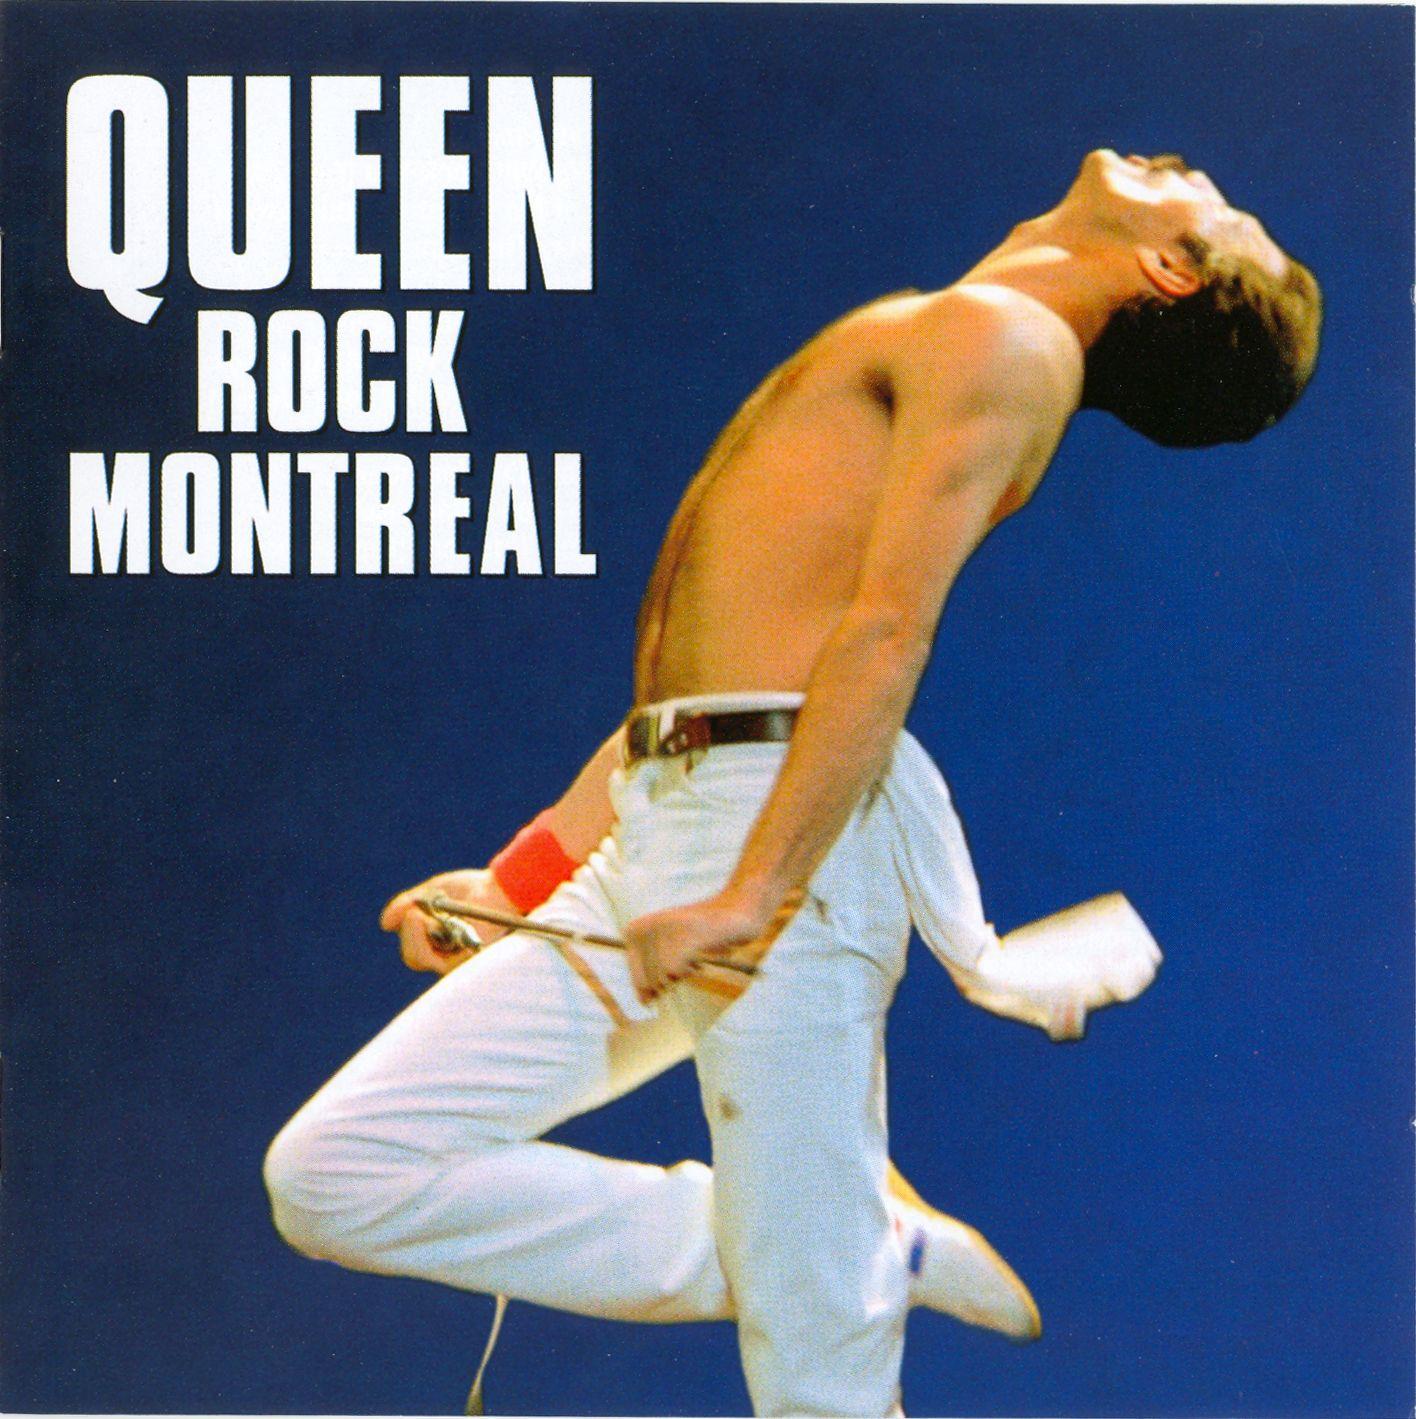 Queen - Rock Montreal album cover